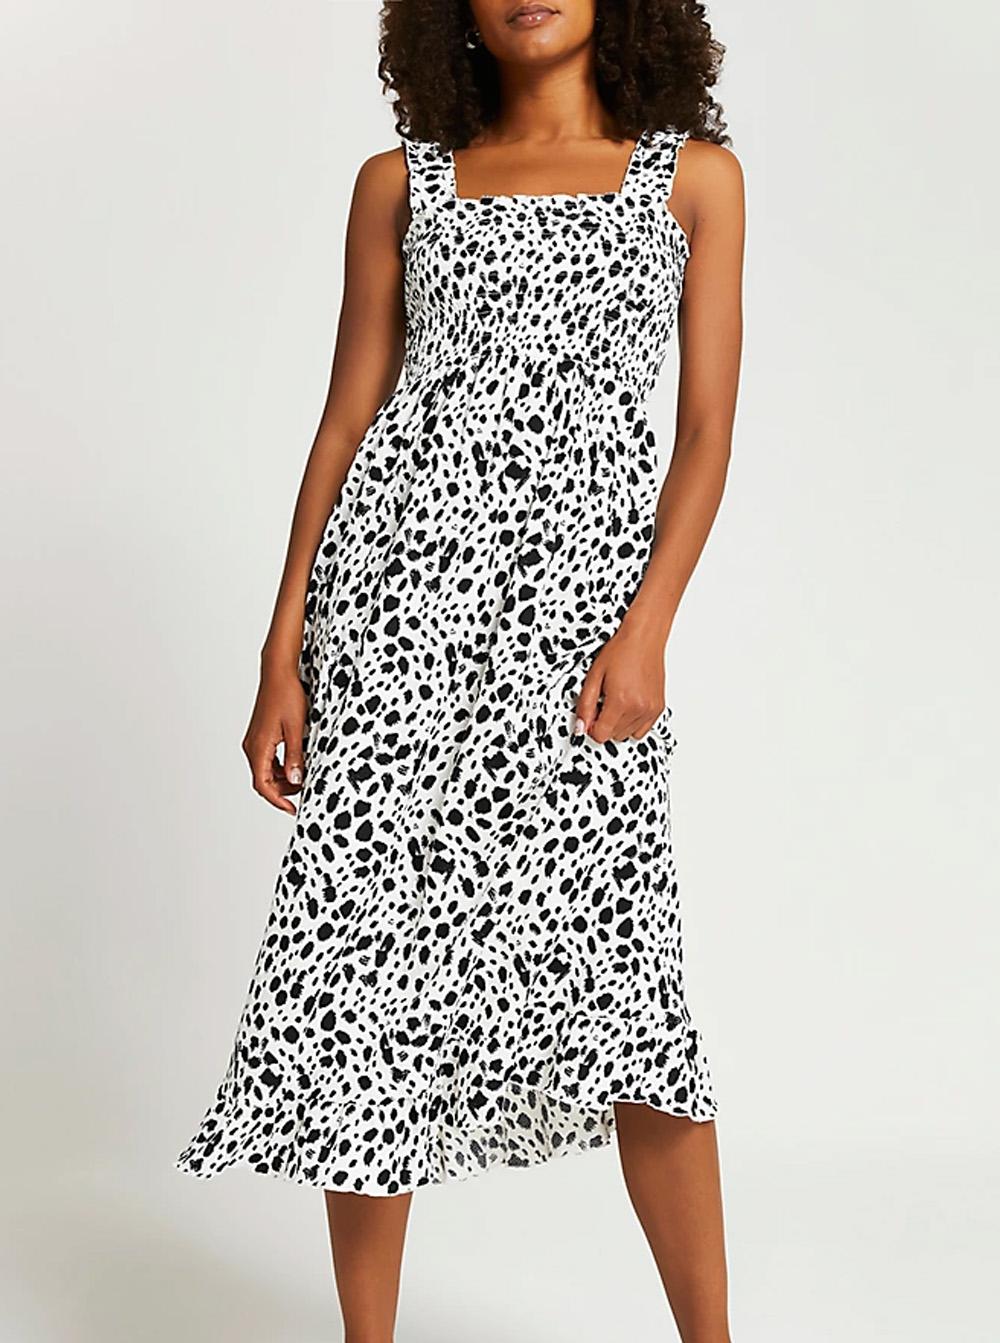 zebra print black and white dress